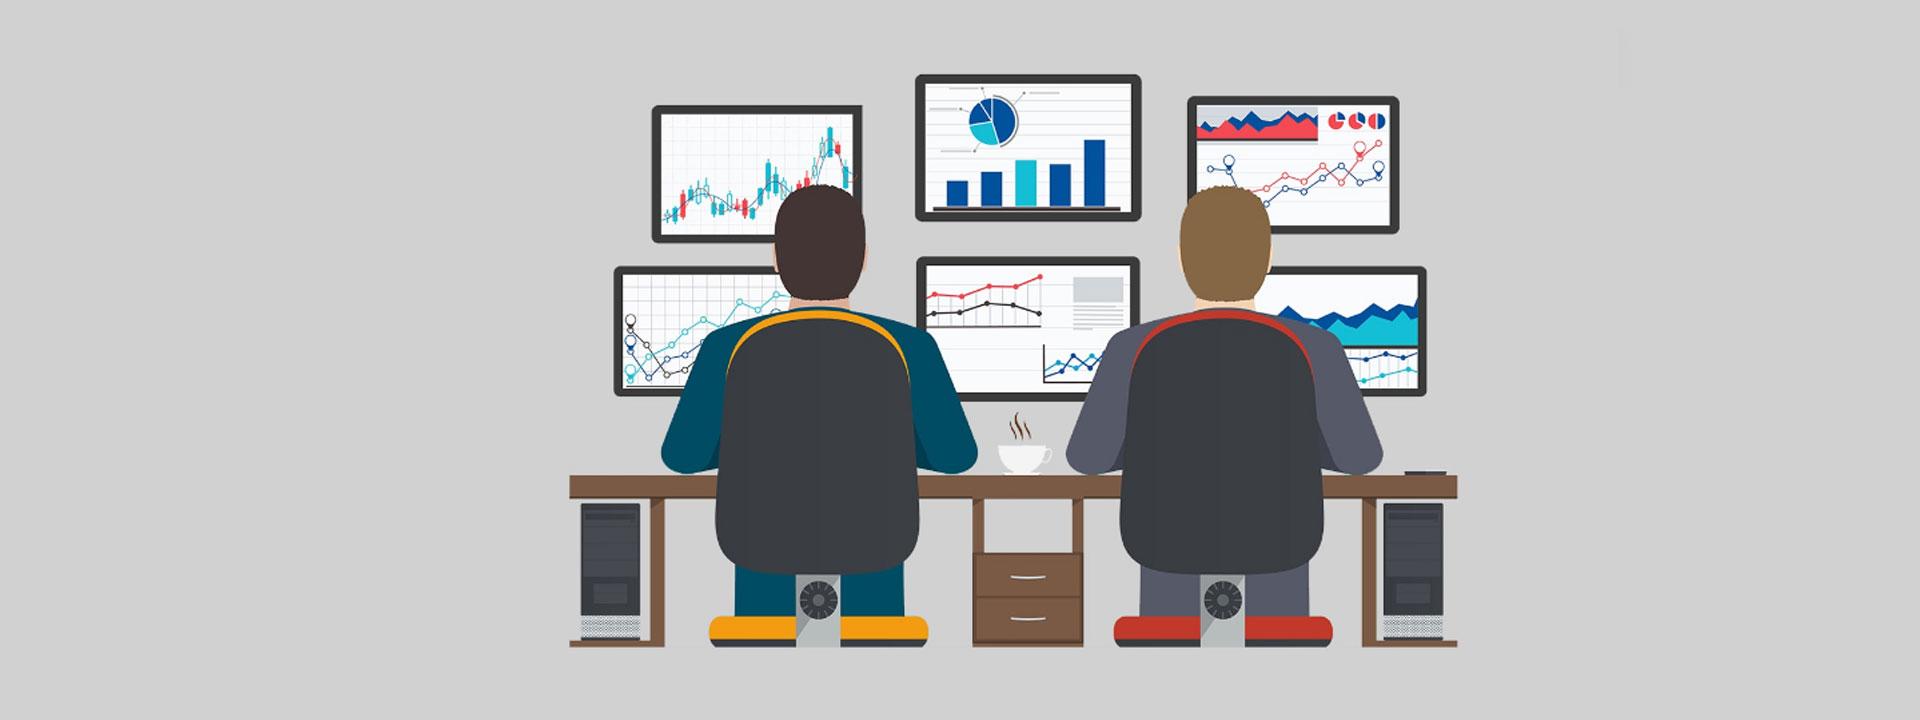 توانایی و علاقه مندی ما در حوزه فناوری اطلاعات